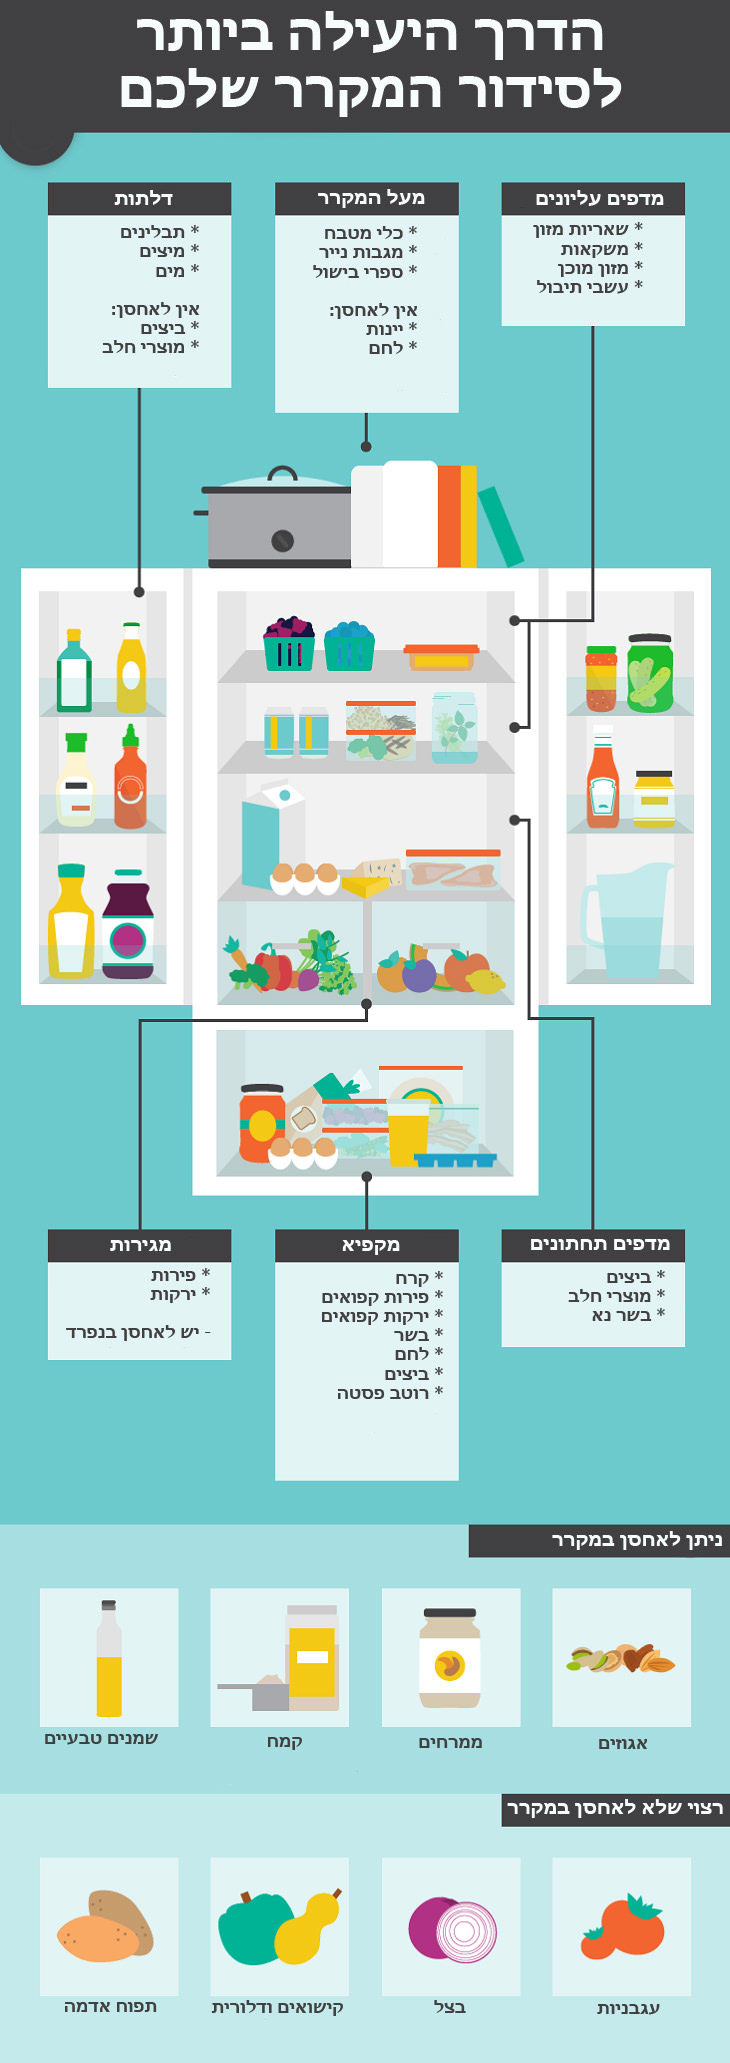 הדרך היעילה ביותר לסידור המקרר